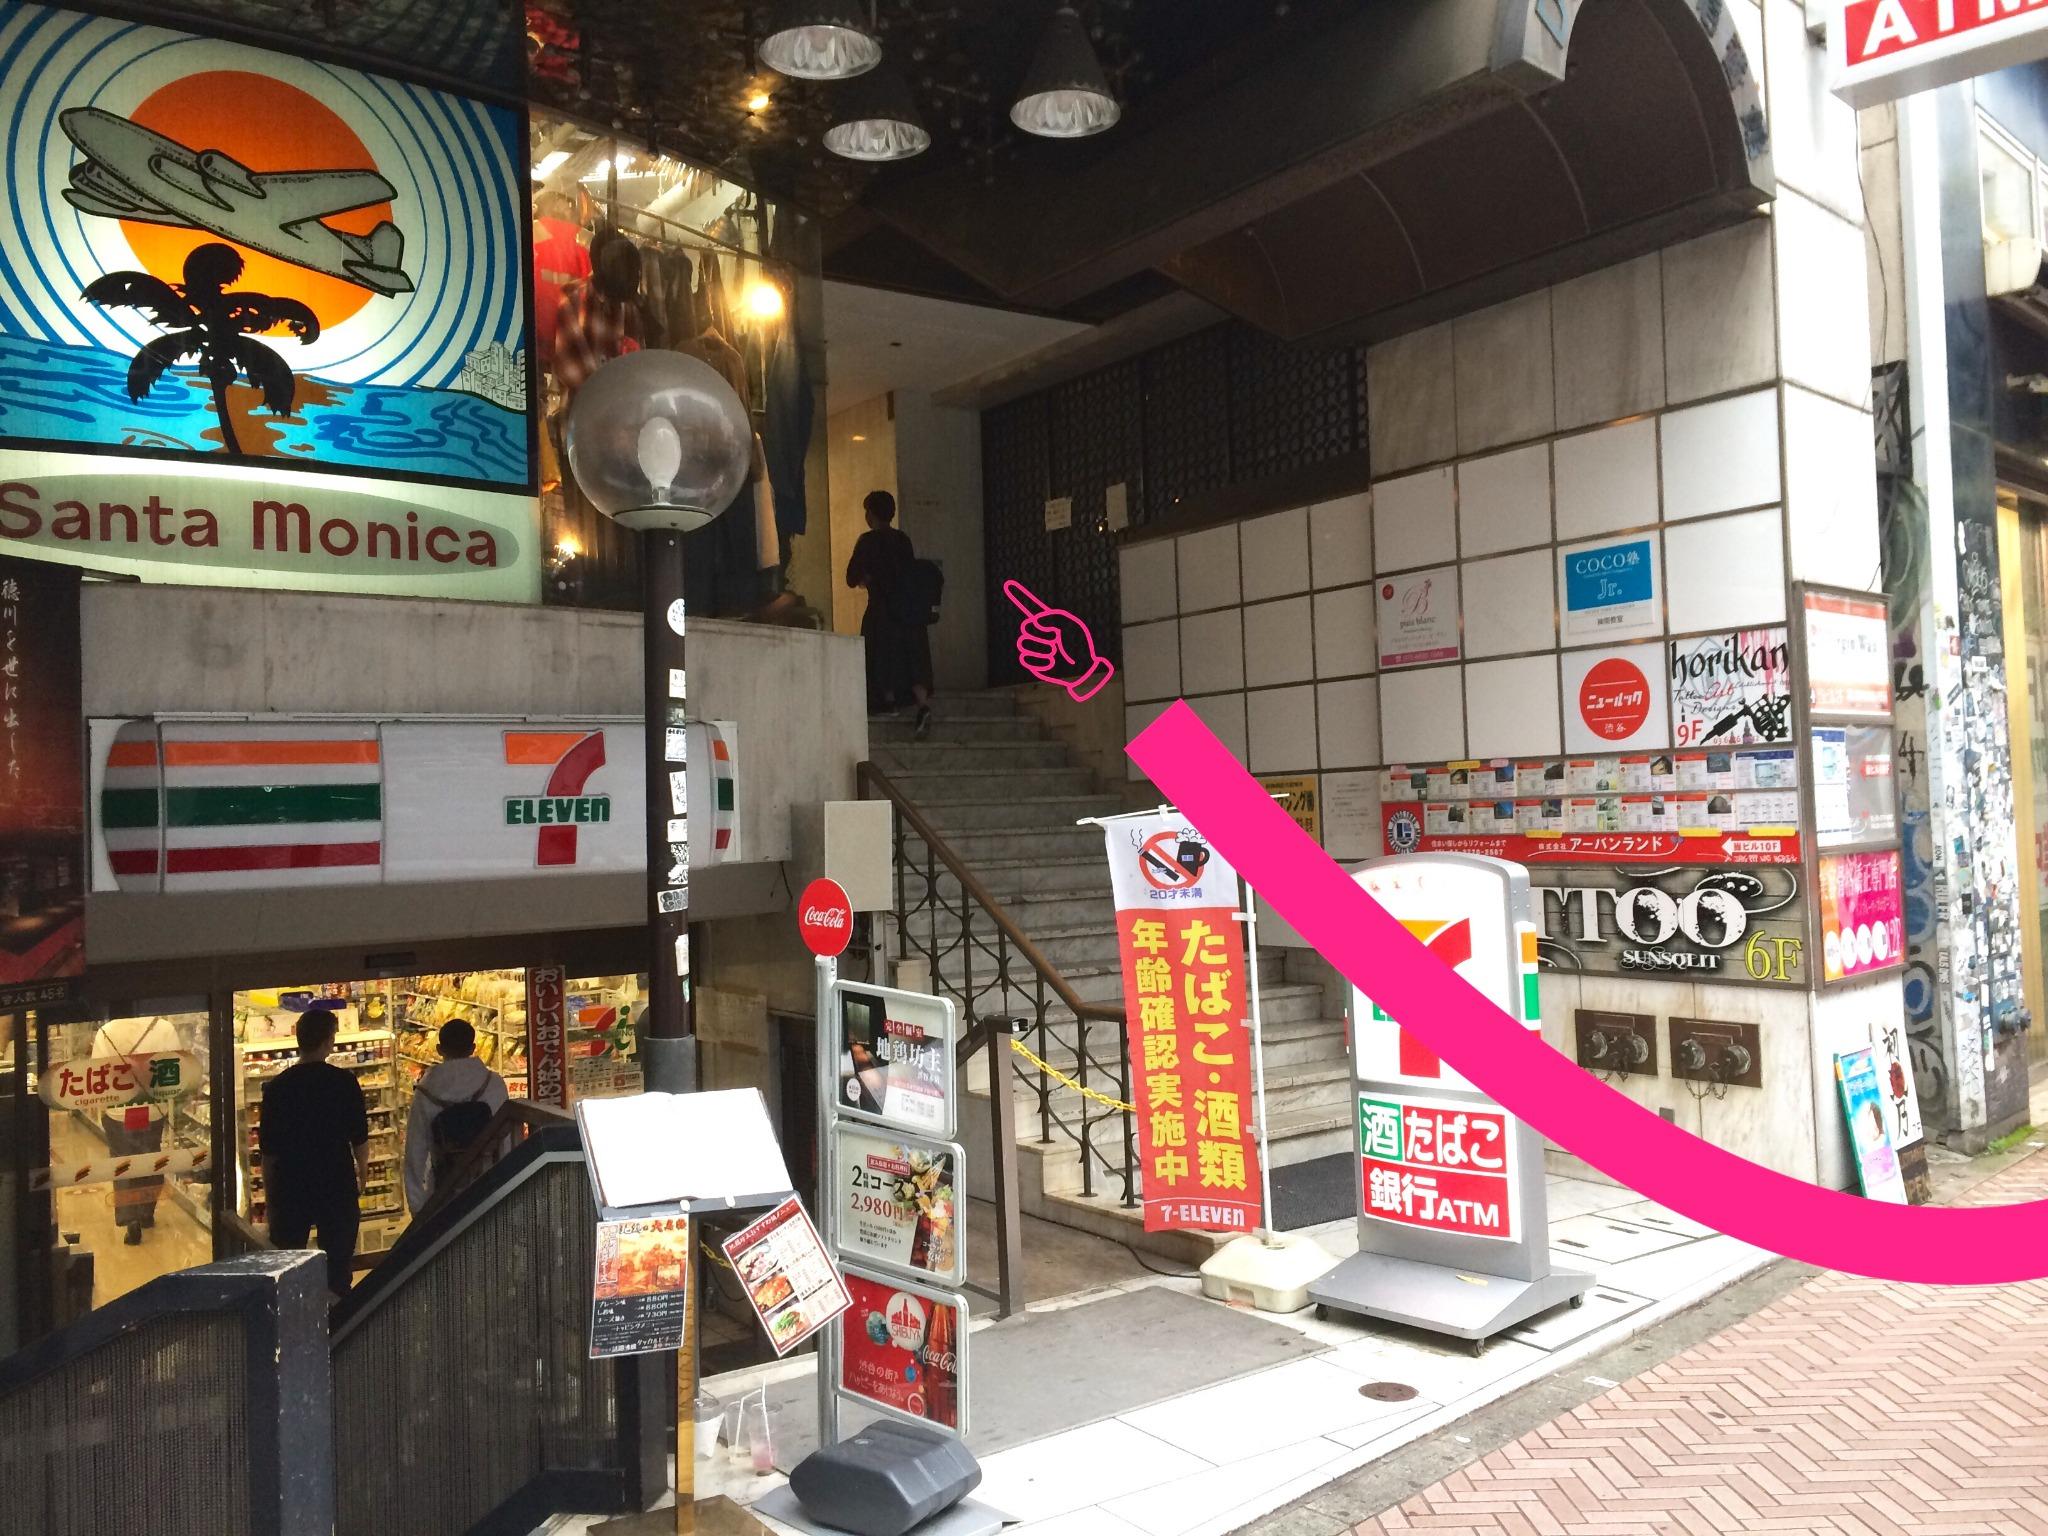 占い館BCAFE(ビーカフェ)渋谷店は、ダイネス壱番館渋谷(1階にセブンイレブン)のビル8階です。階段を上った奥の左手にエレベーターがあります。